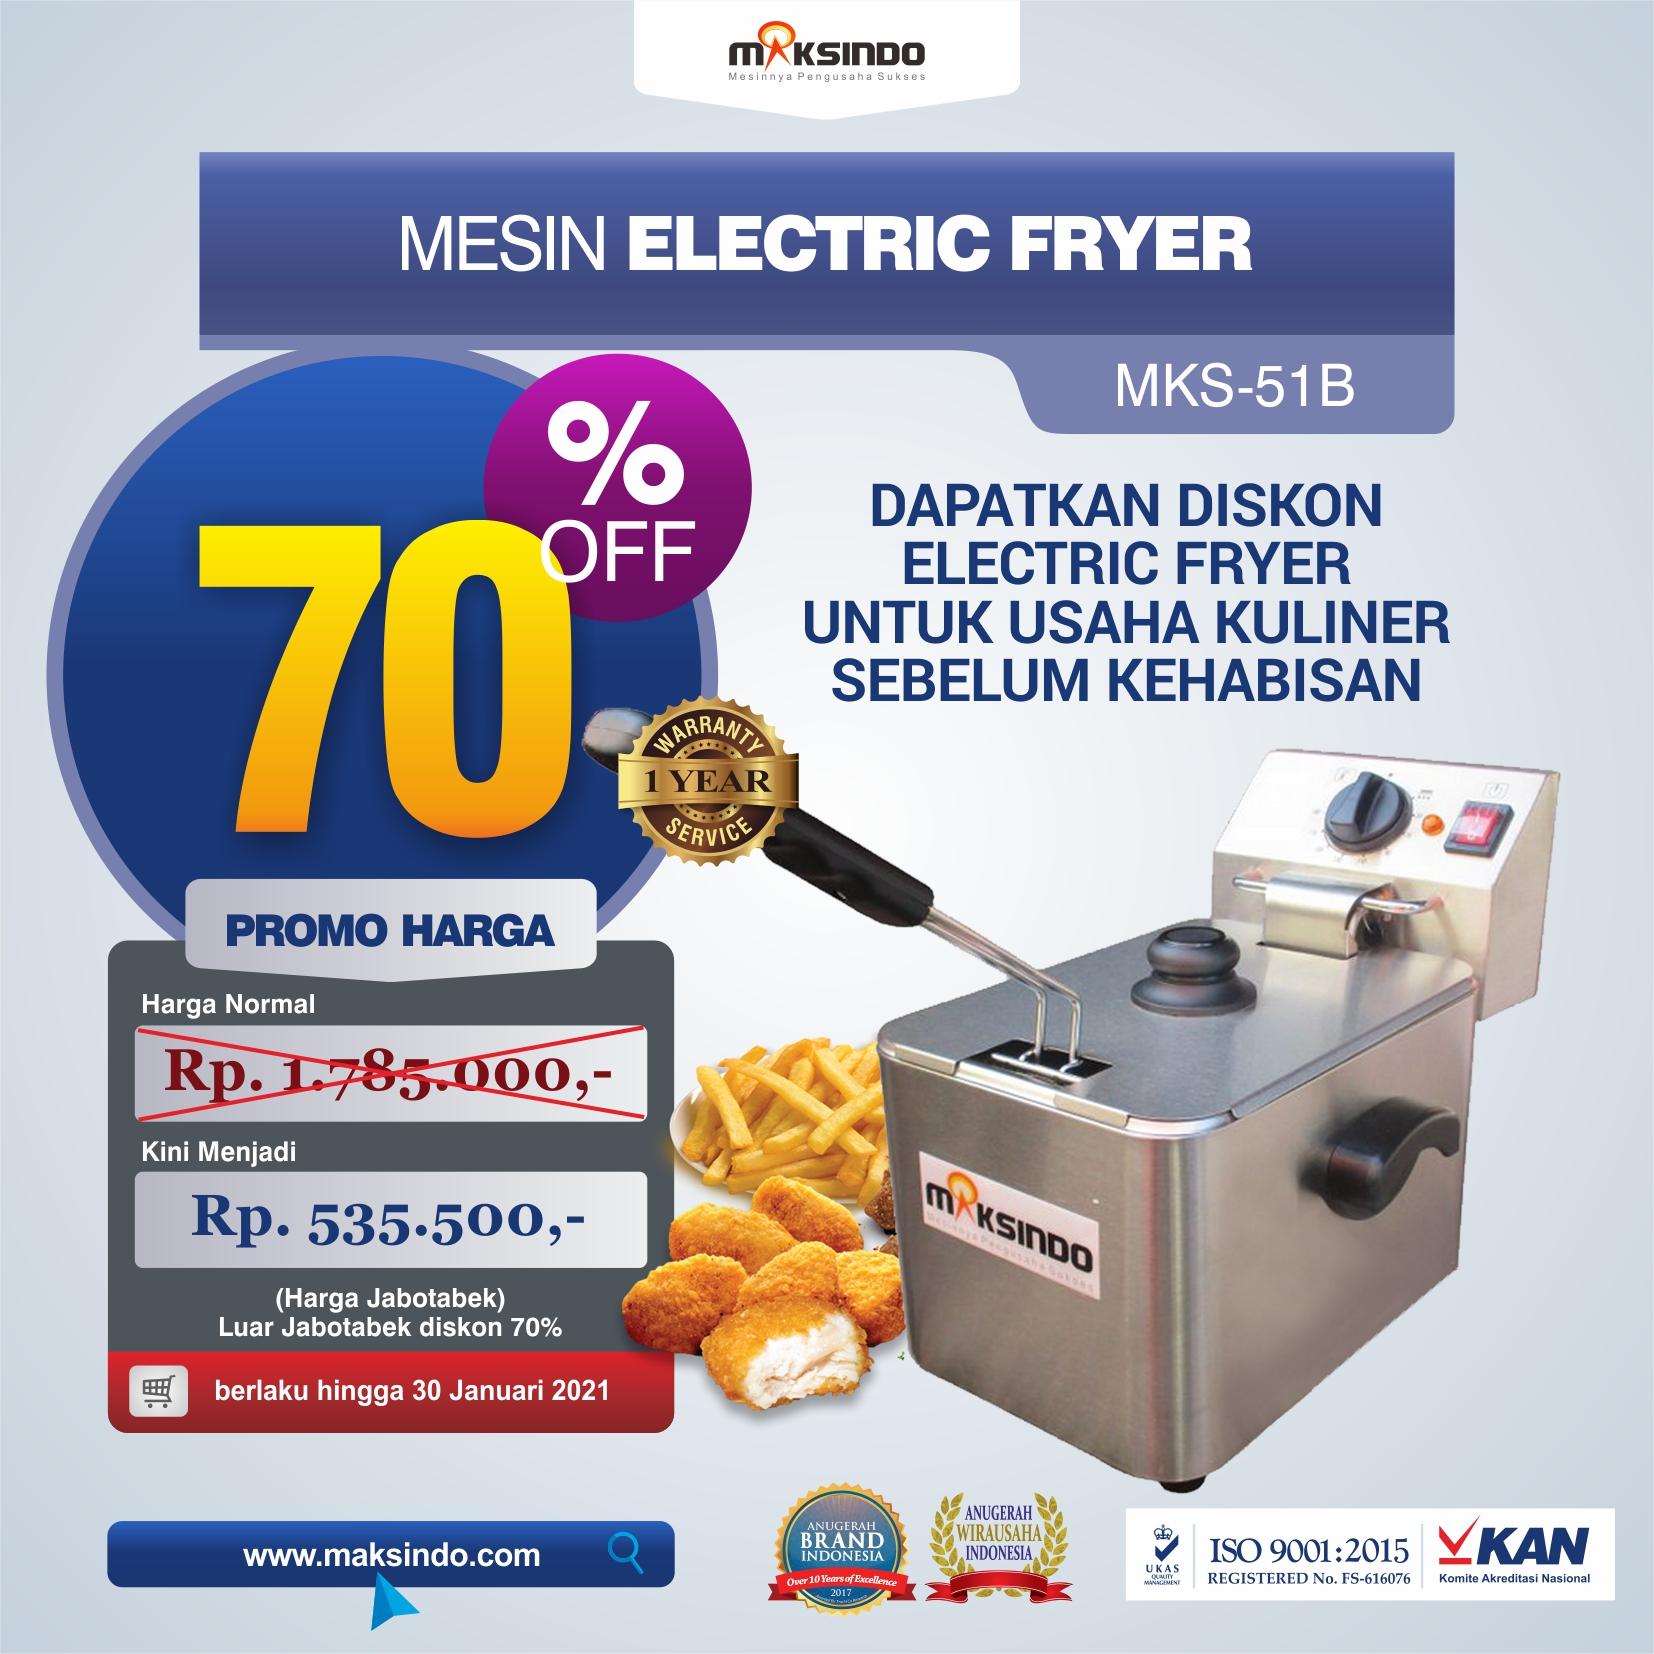 Jual Mesin Electric Fryer MKS-51B di Bekasi